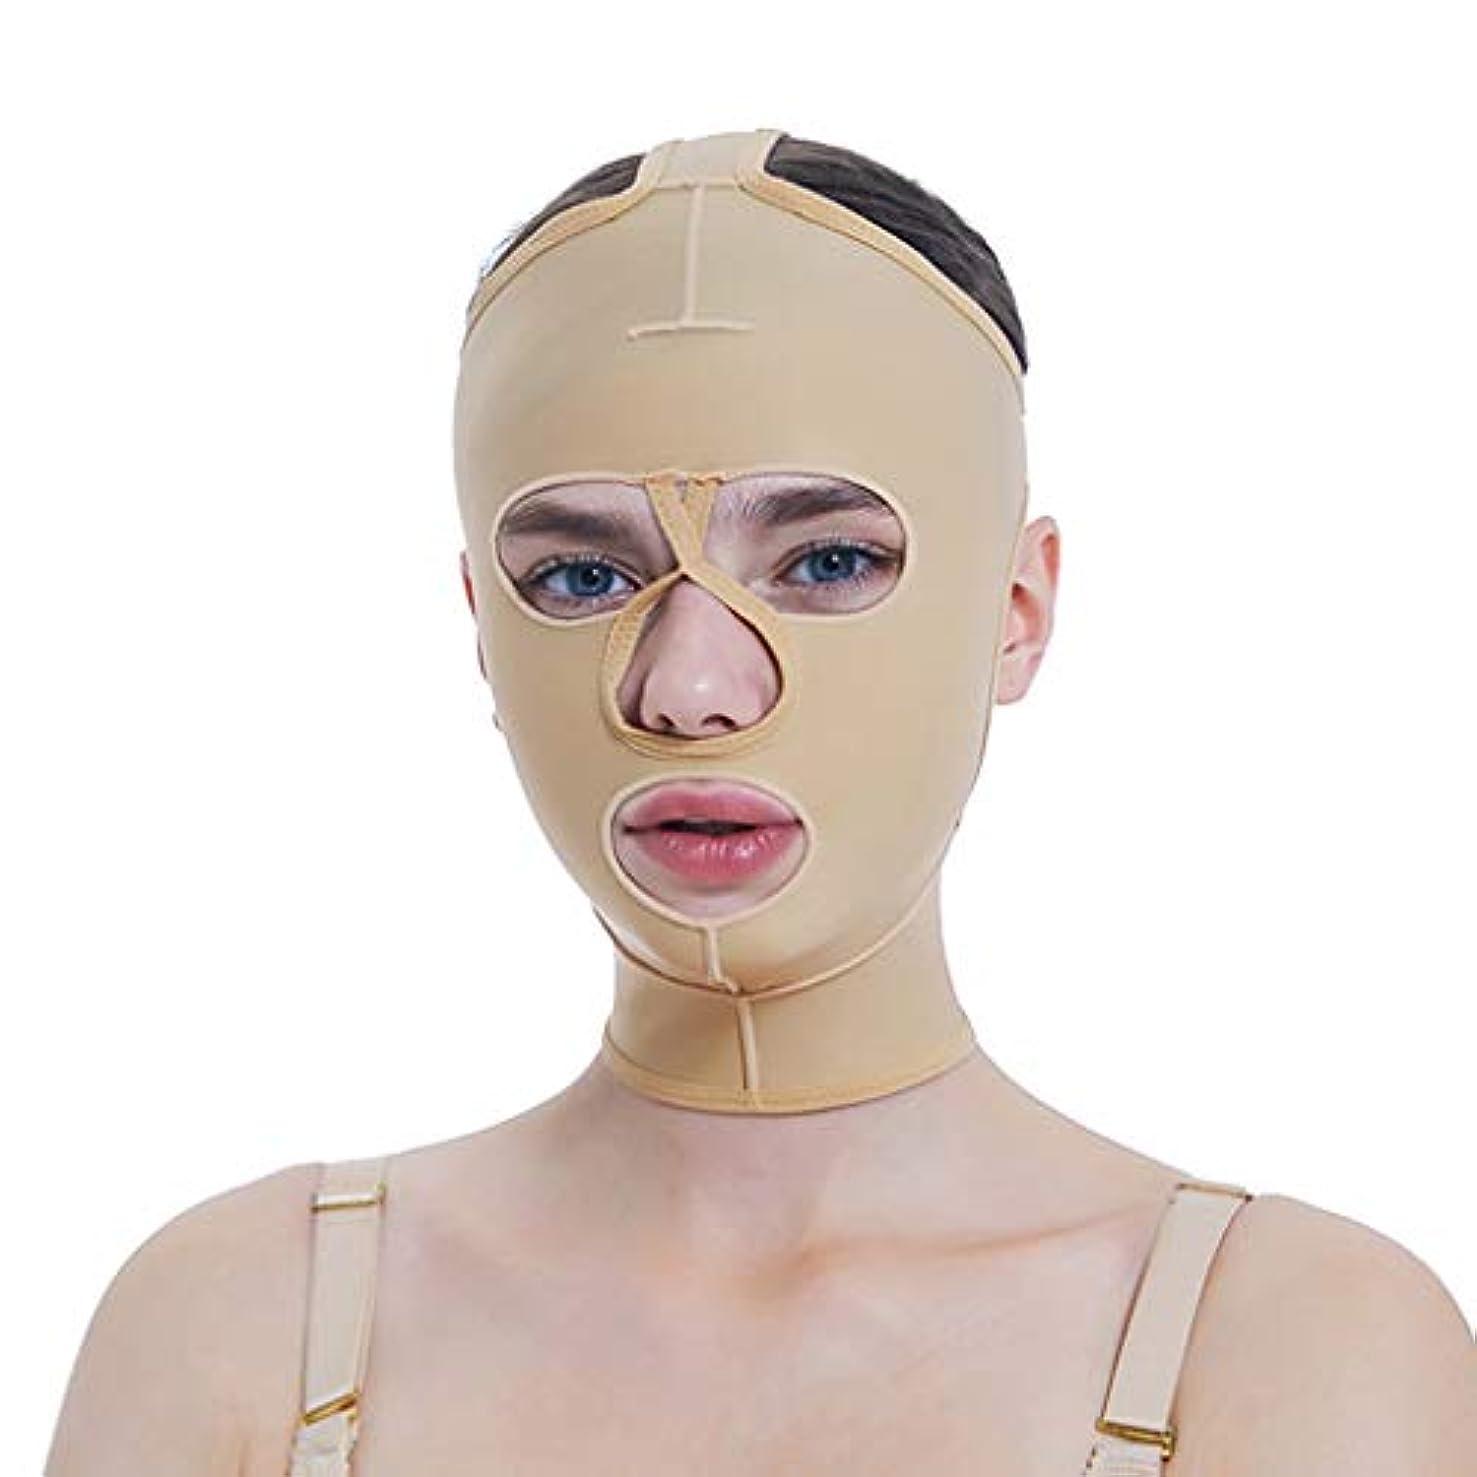 誤解補体理容室脂肪吸引成形マスク、薄手かつらVフェイスビームフェイス弾性スリーブマルチサイズオプション (Size : S)